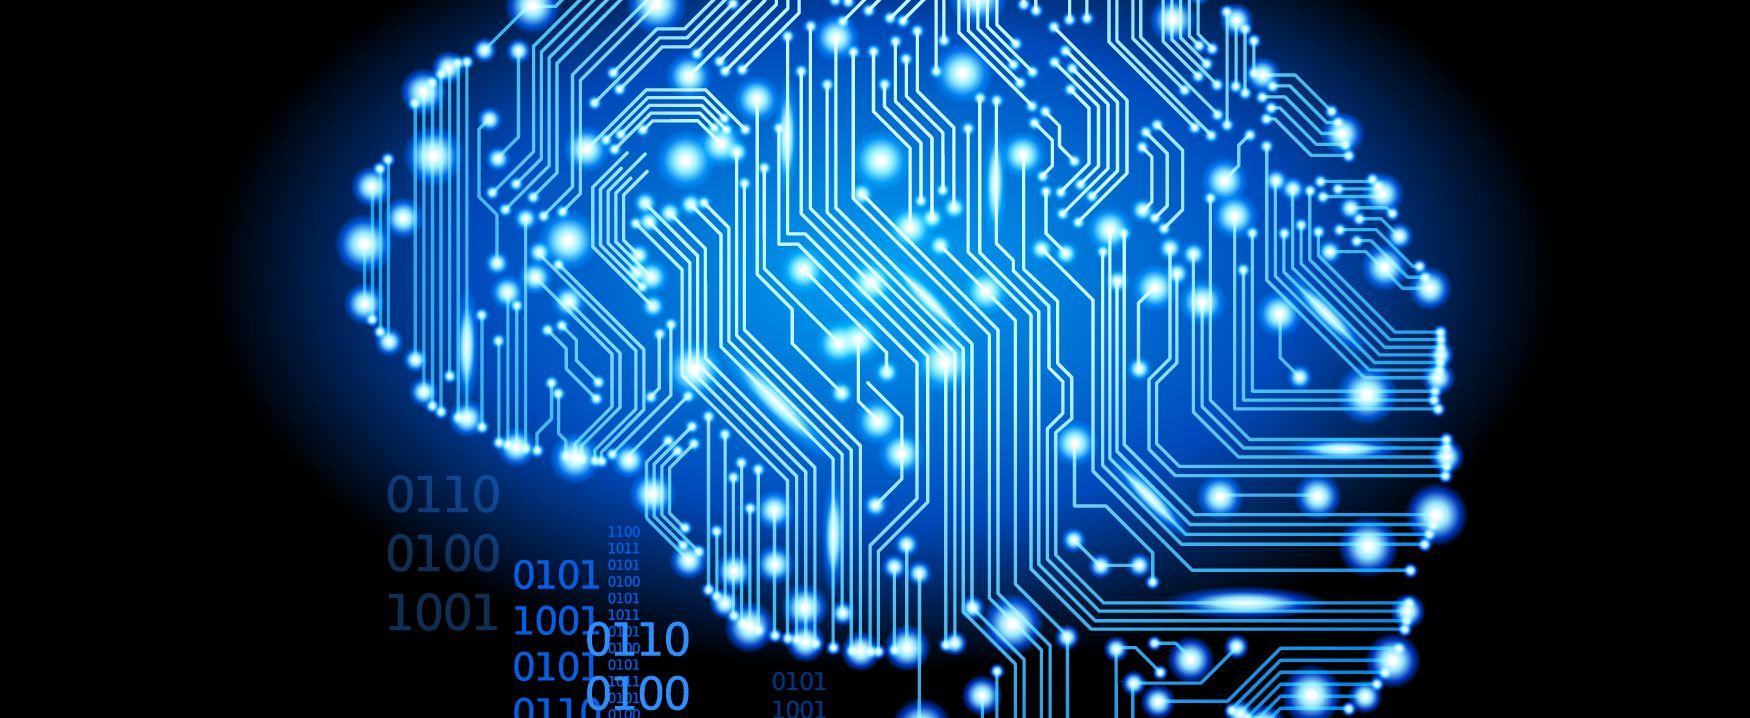 künstliche intelligenz definition